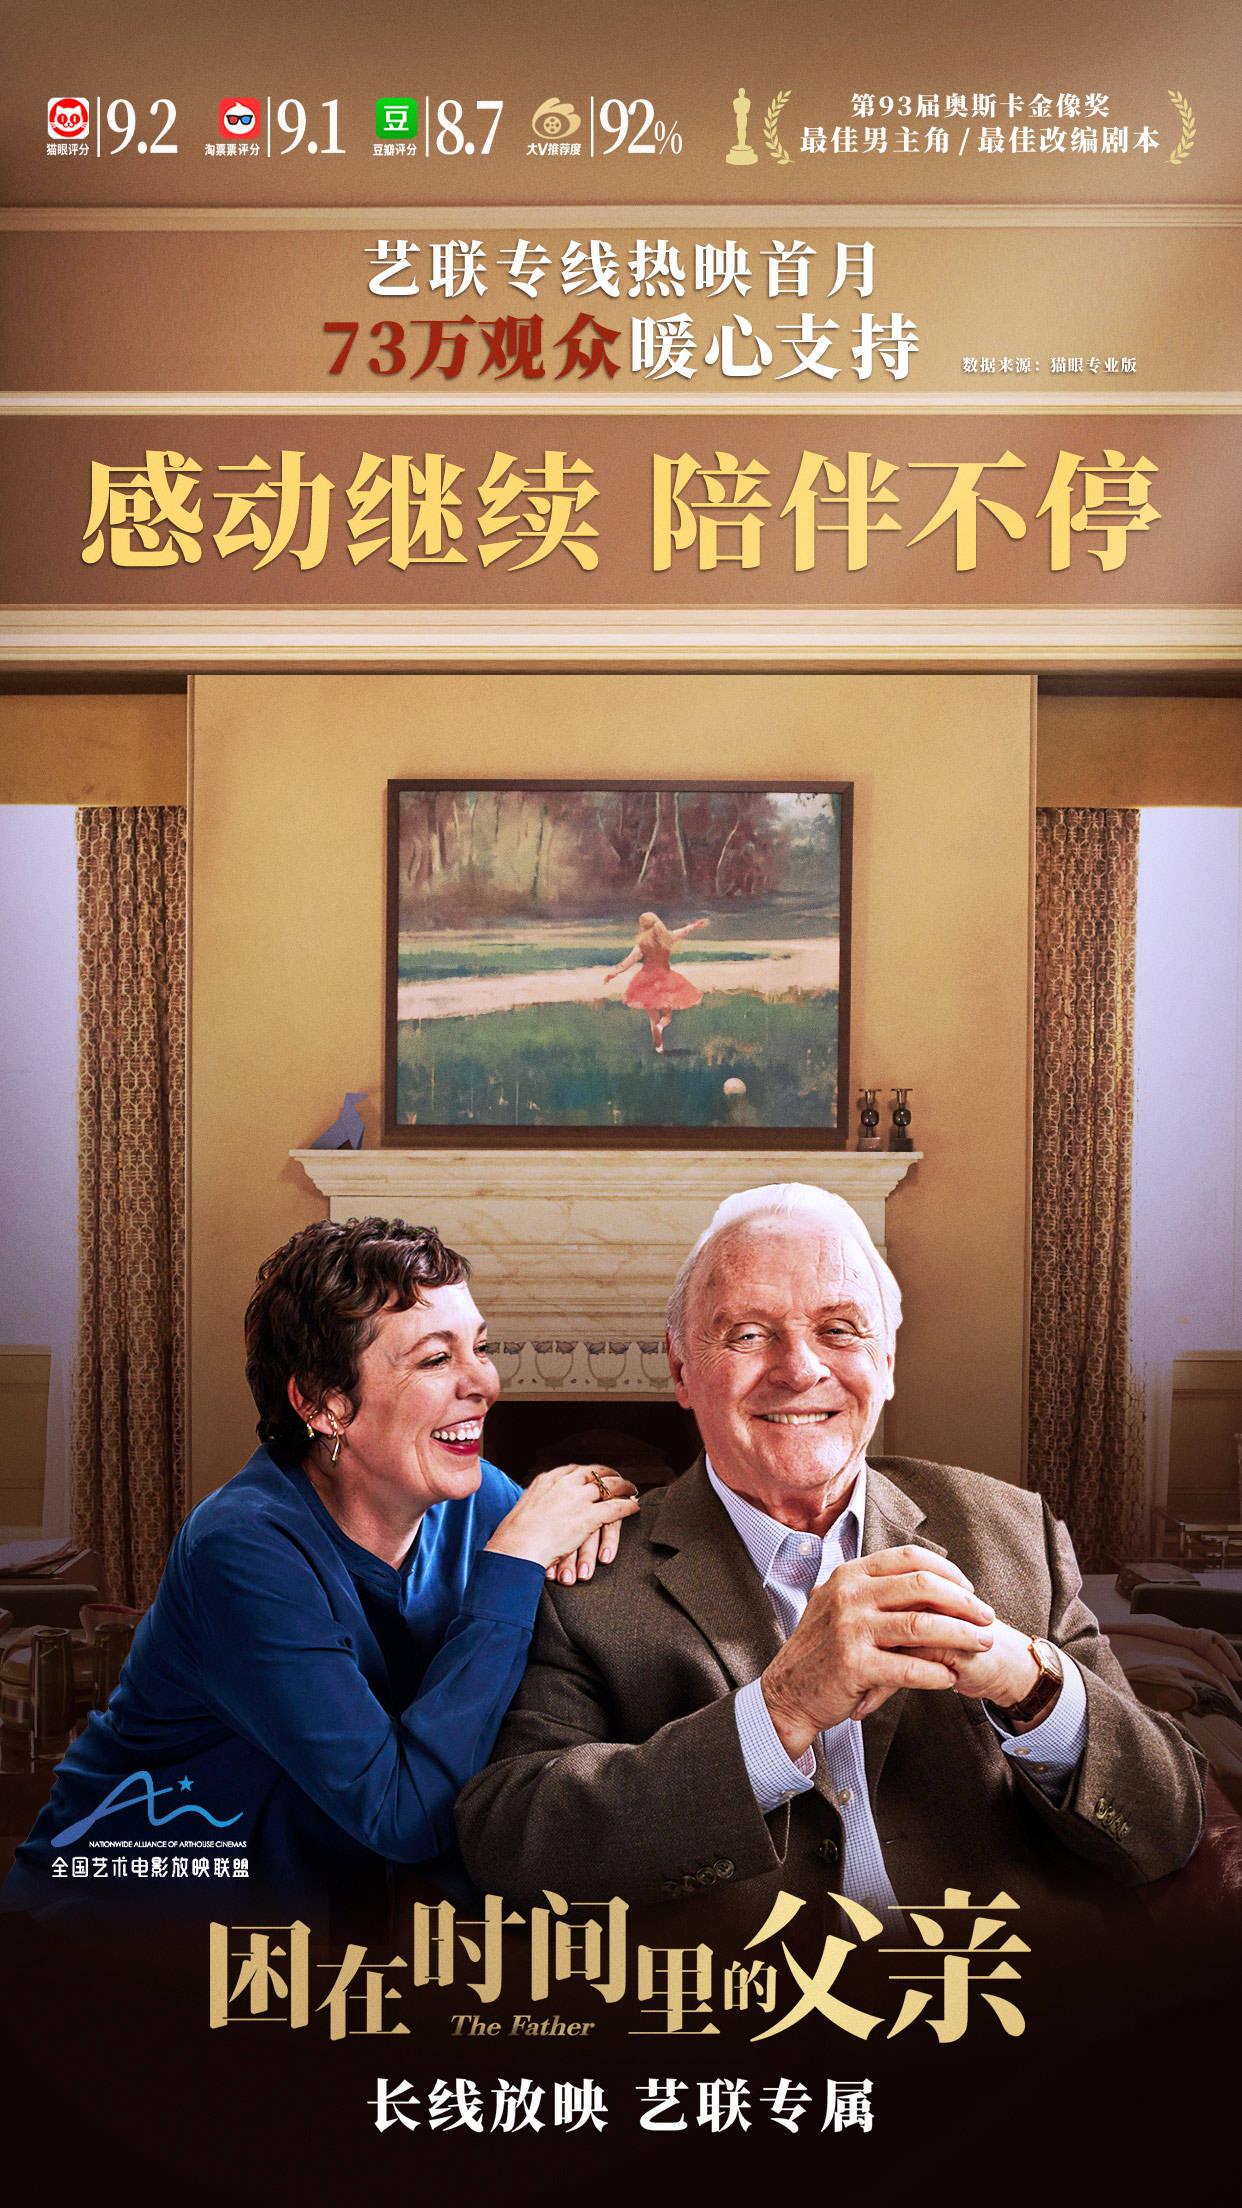 《困在时间里的父亲》内地长线放映 导演新作公布卡司超亮眼